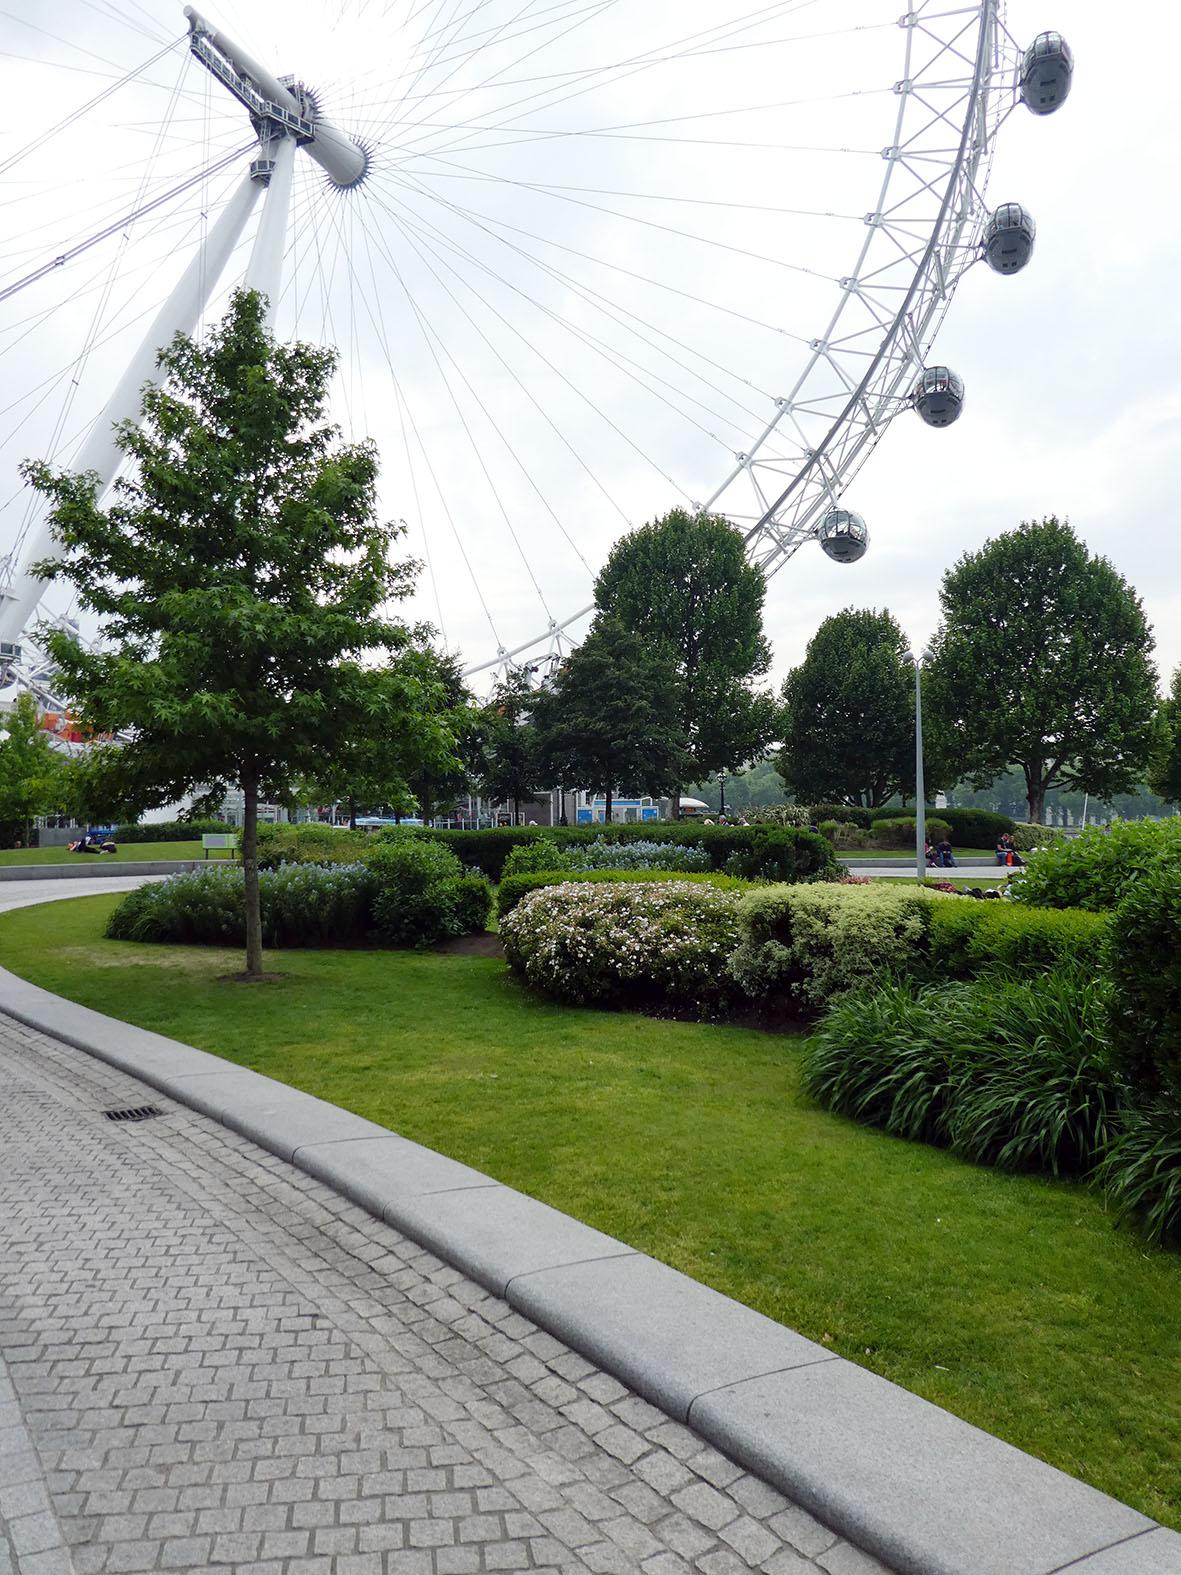 Jubilee Gardens